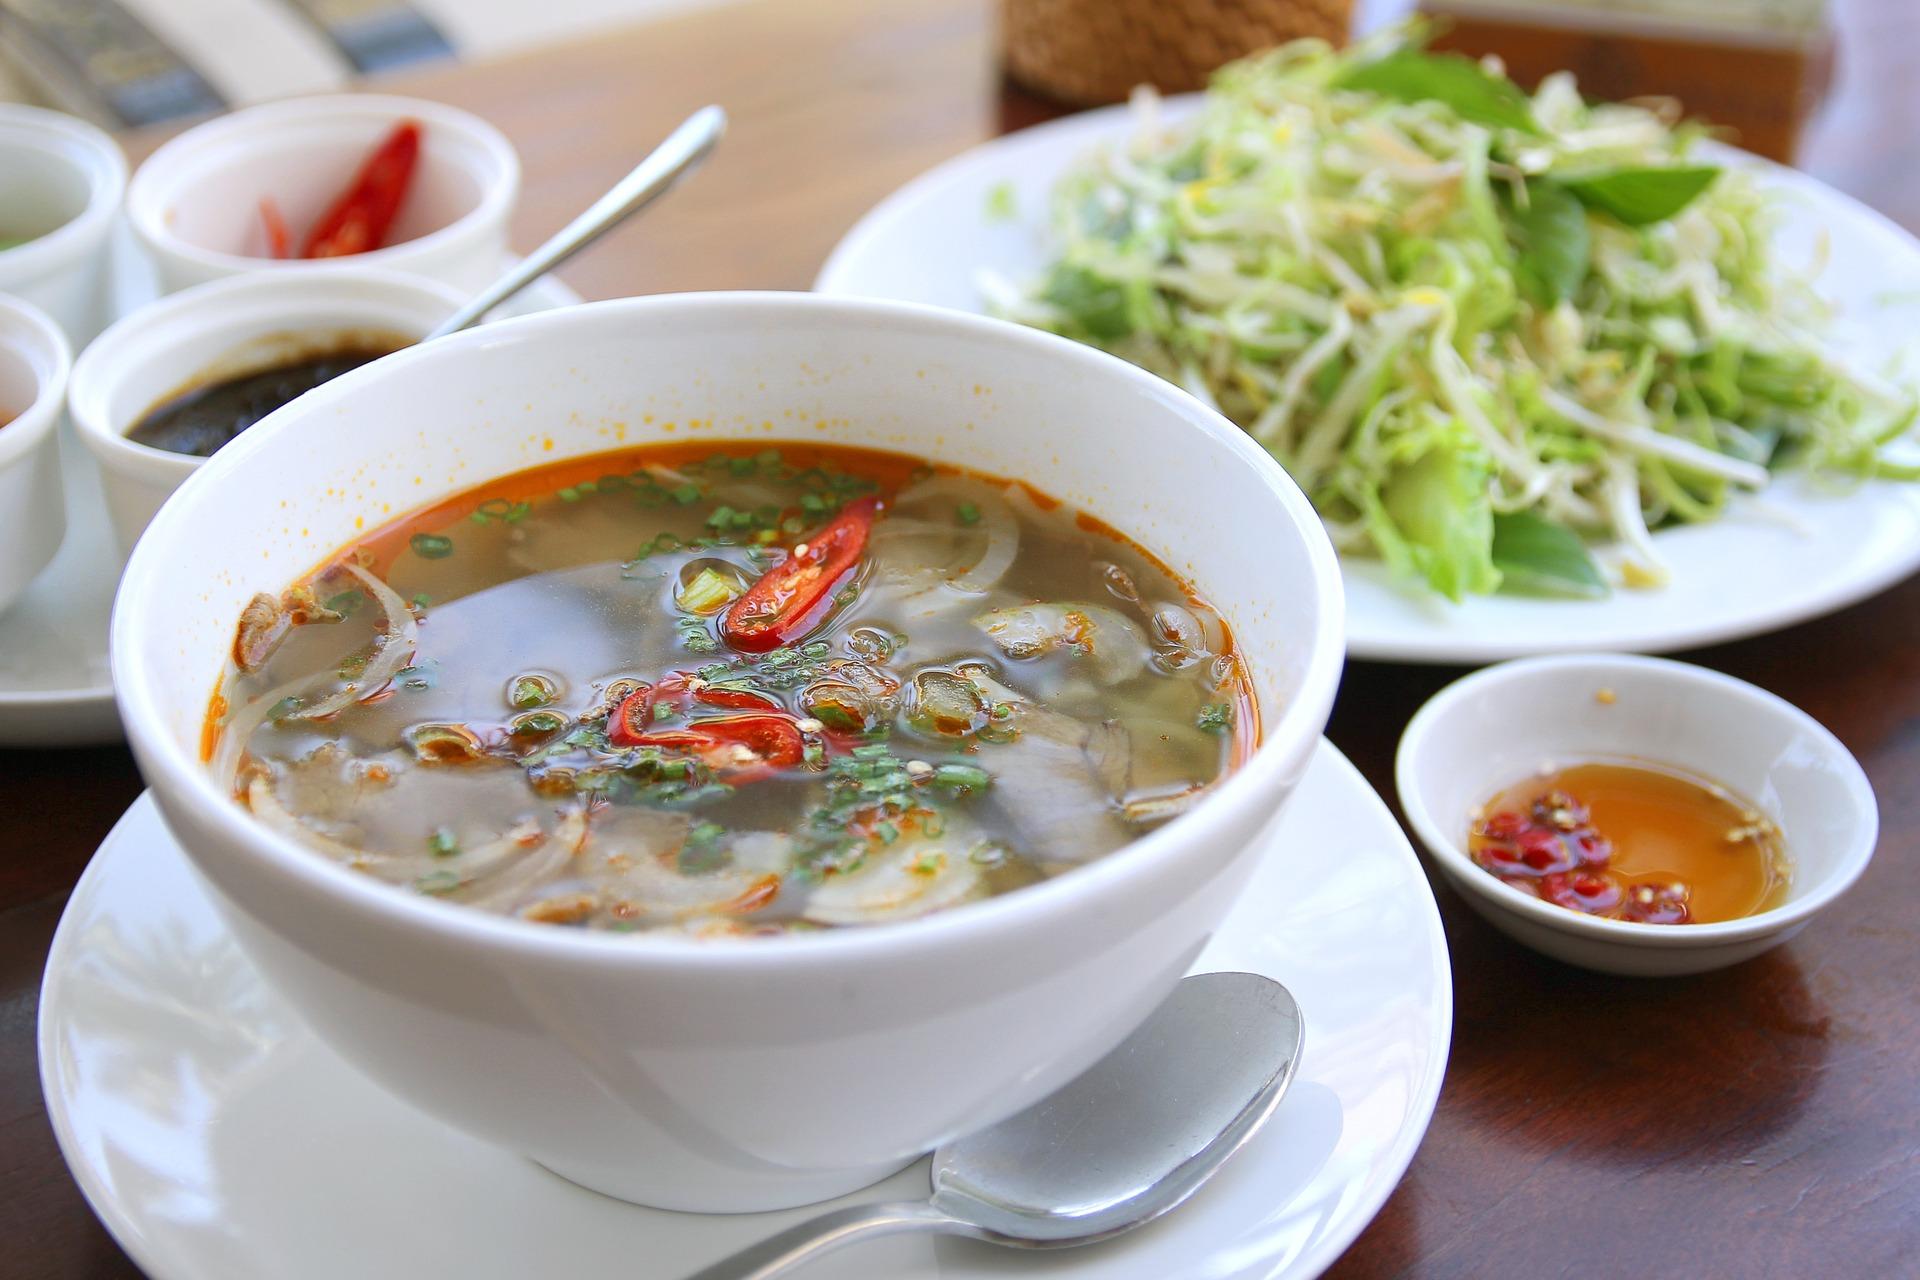 bun-bo-hue-soup